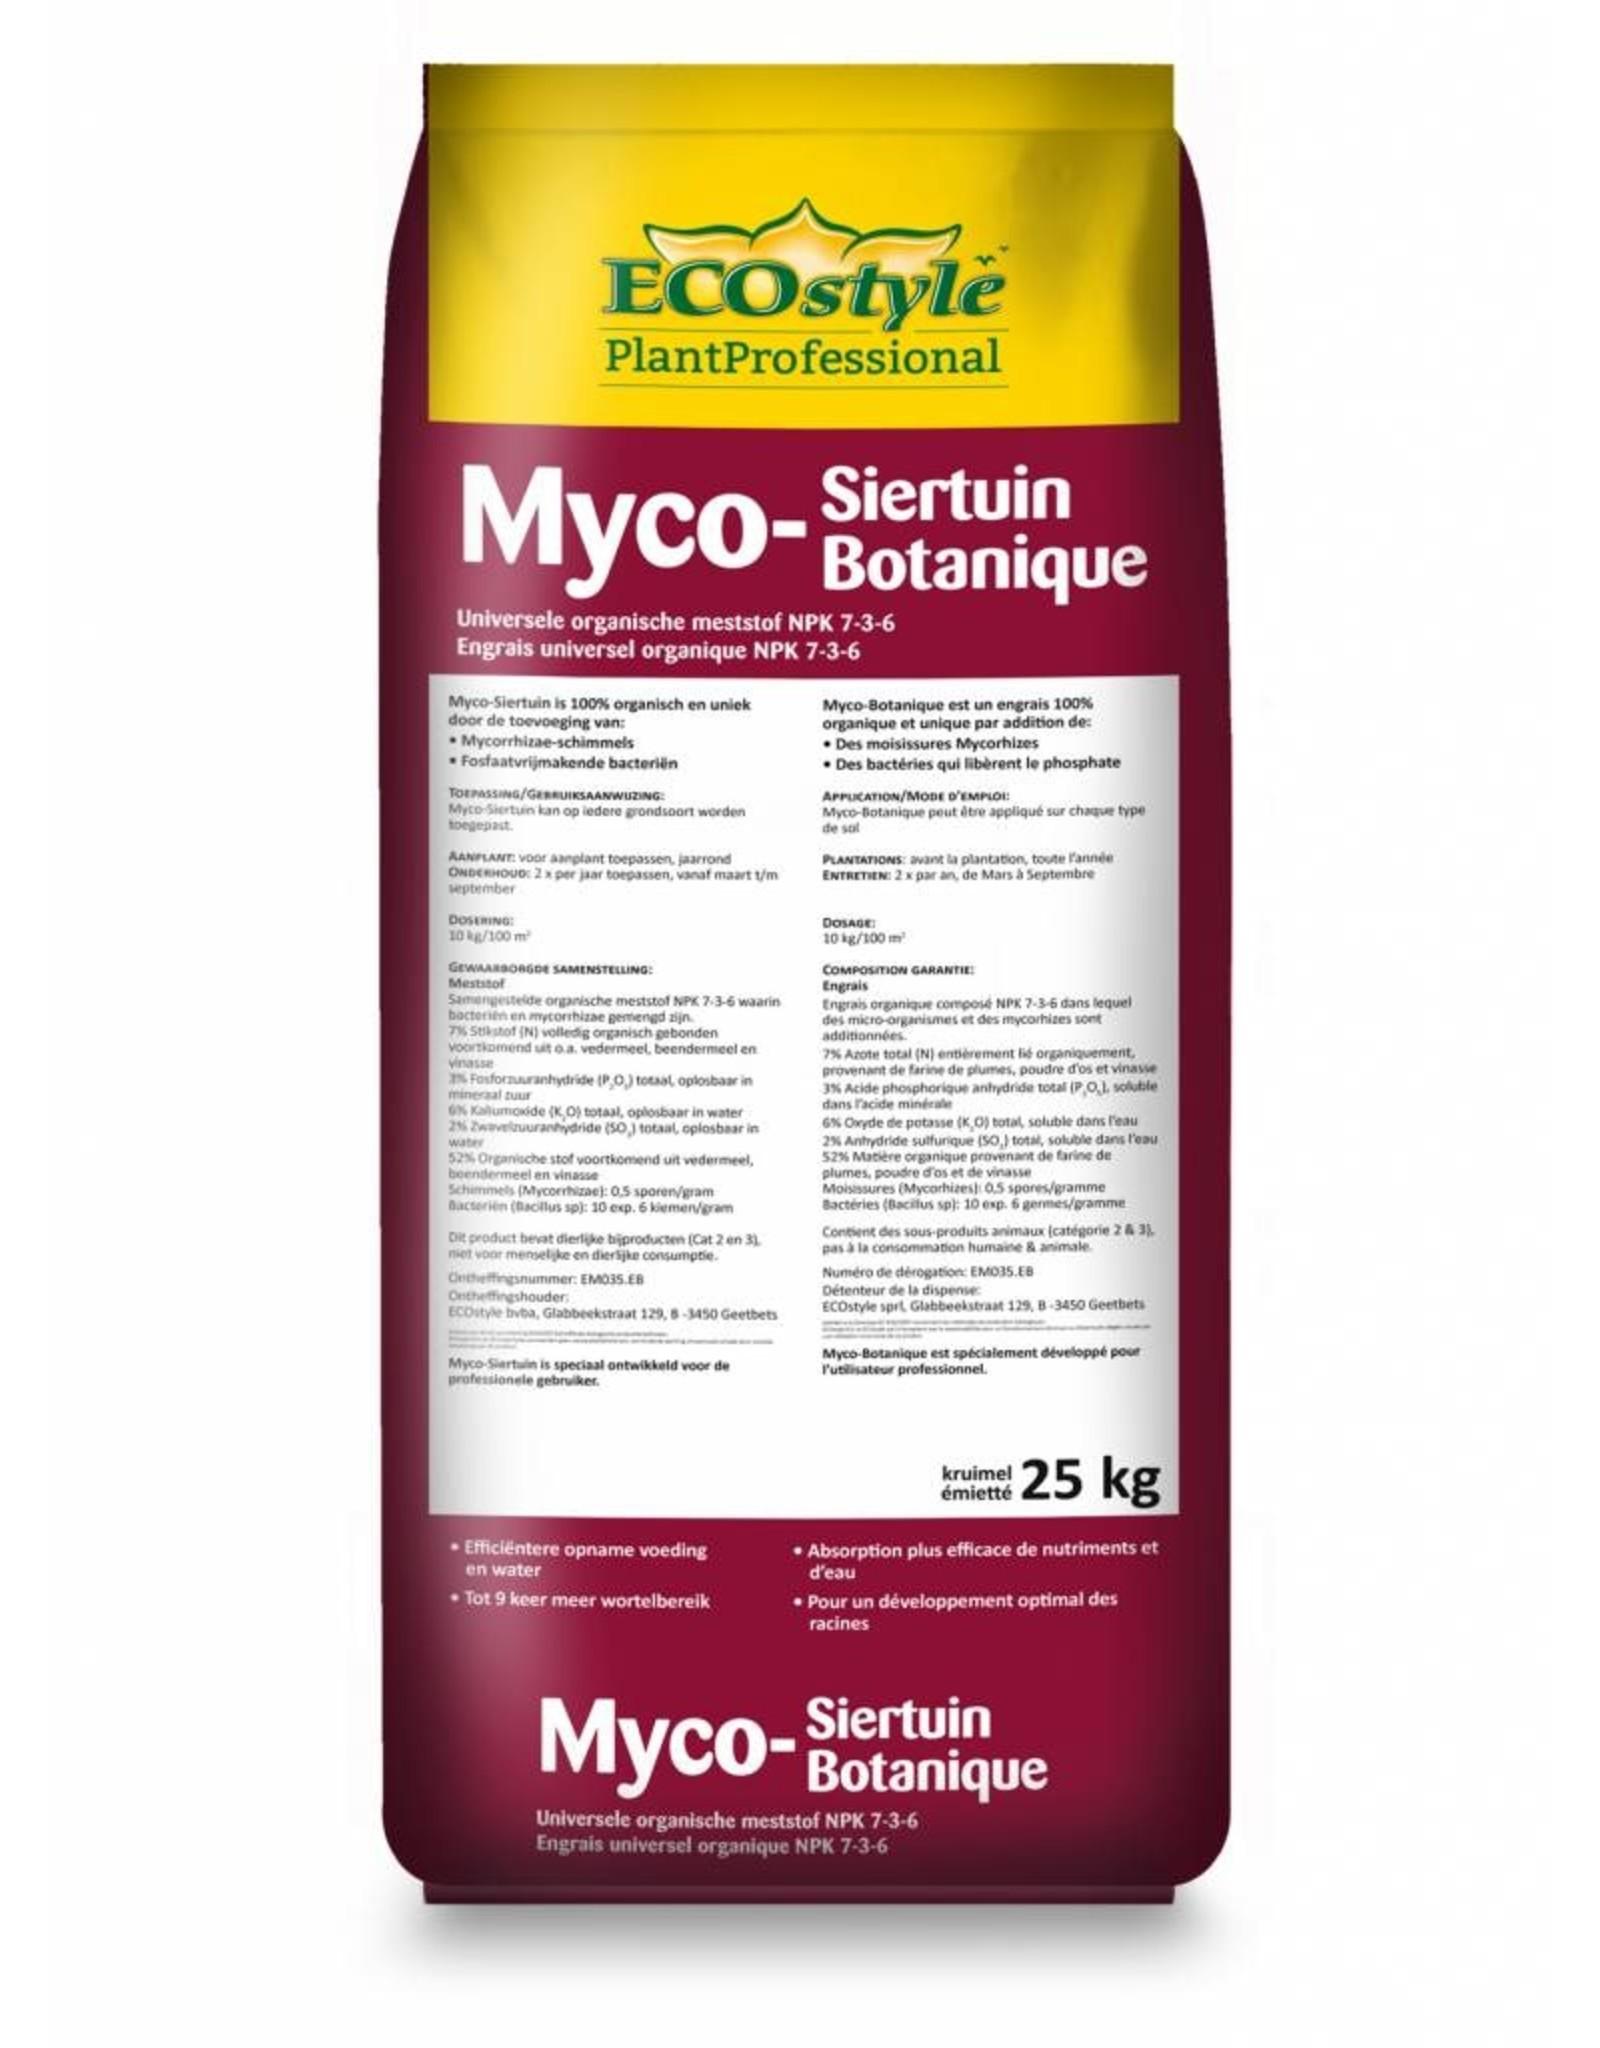 Ecostyle Professioneel Myco-Siertuin Meststof 25 kg met ProtoPlus